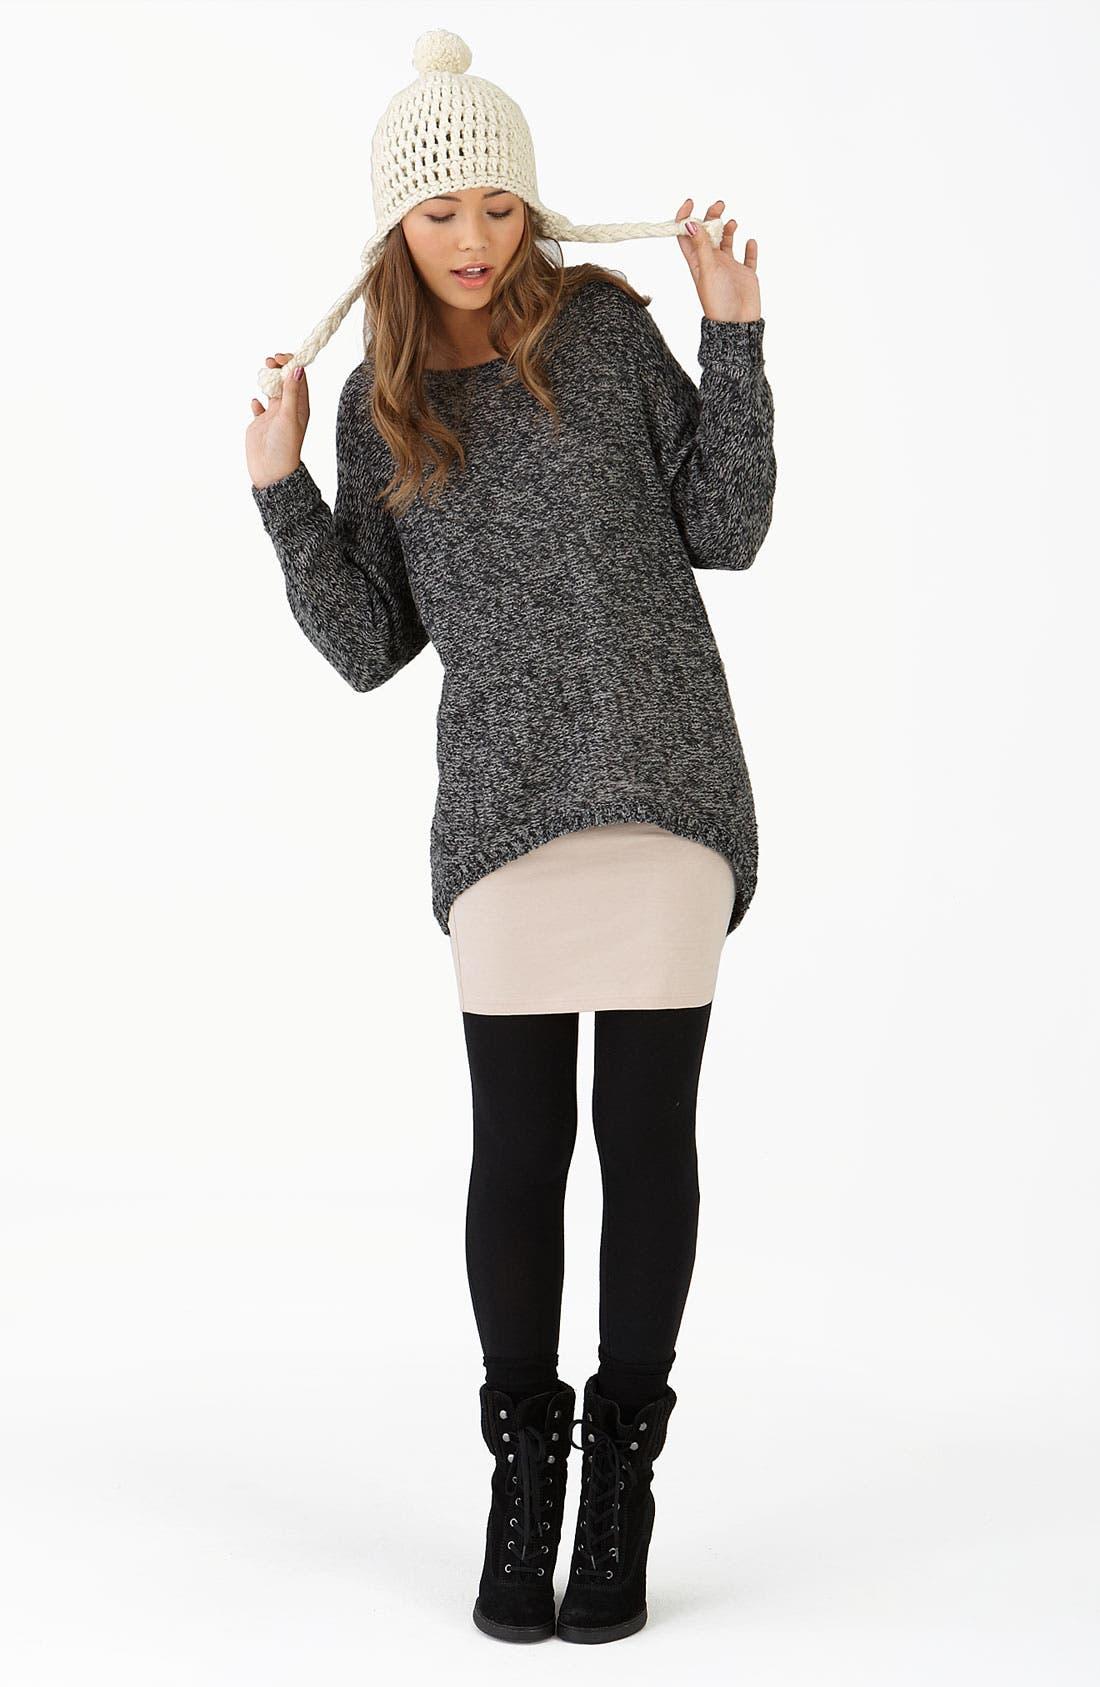 Alternate Image 1 Selected - Rubbish® Tunic, BP. Dress & Leggings